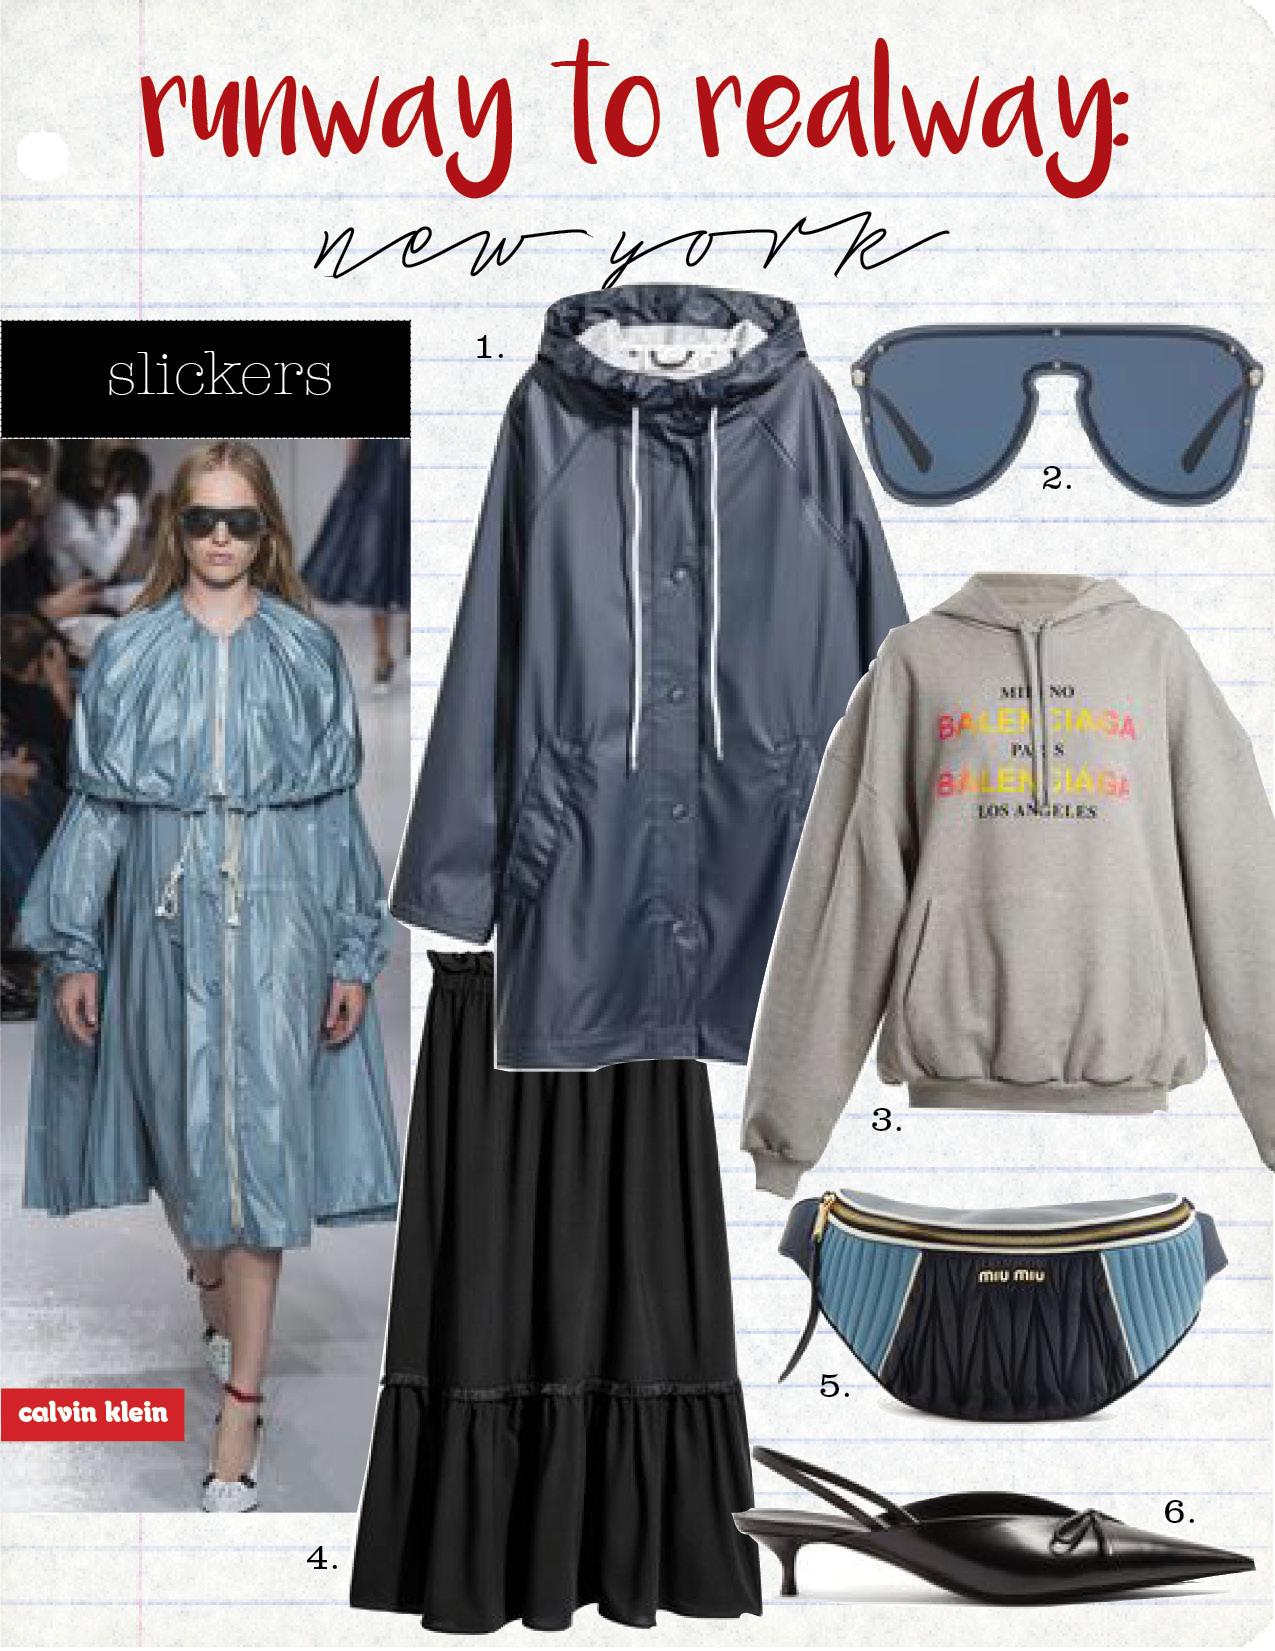 1. h&m raincoat, $39,  hm.com  2. versace blue #frenergy visor sunglasses, $295,  versace.com  3. balenciaga hoodie, $750,  matchesfashion.com  4. h&m calf-length skirt, $34,  hm.com  5. miu miu contrast letaher belt bag, $1490,  matchesfashion.com  6. balenciaga knife pumps, $795,  matchesfshion.com